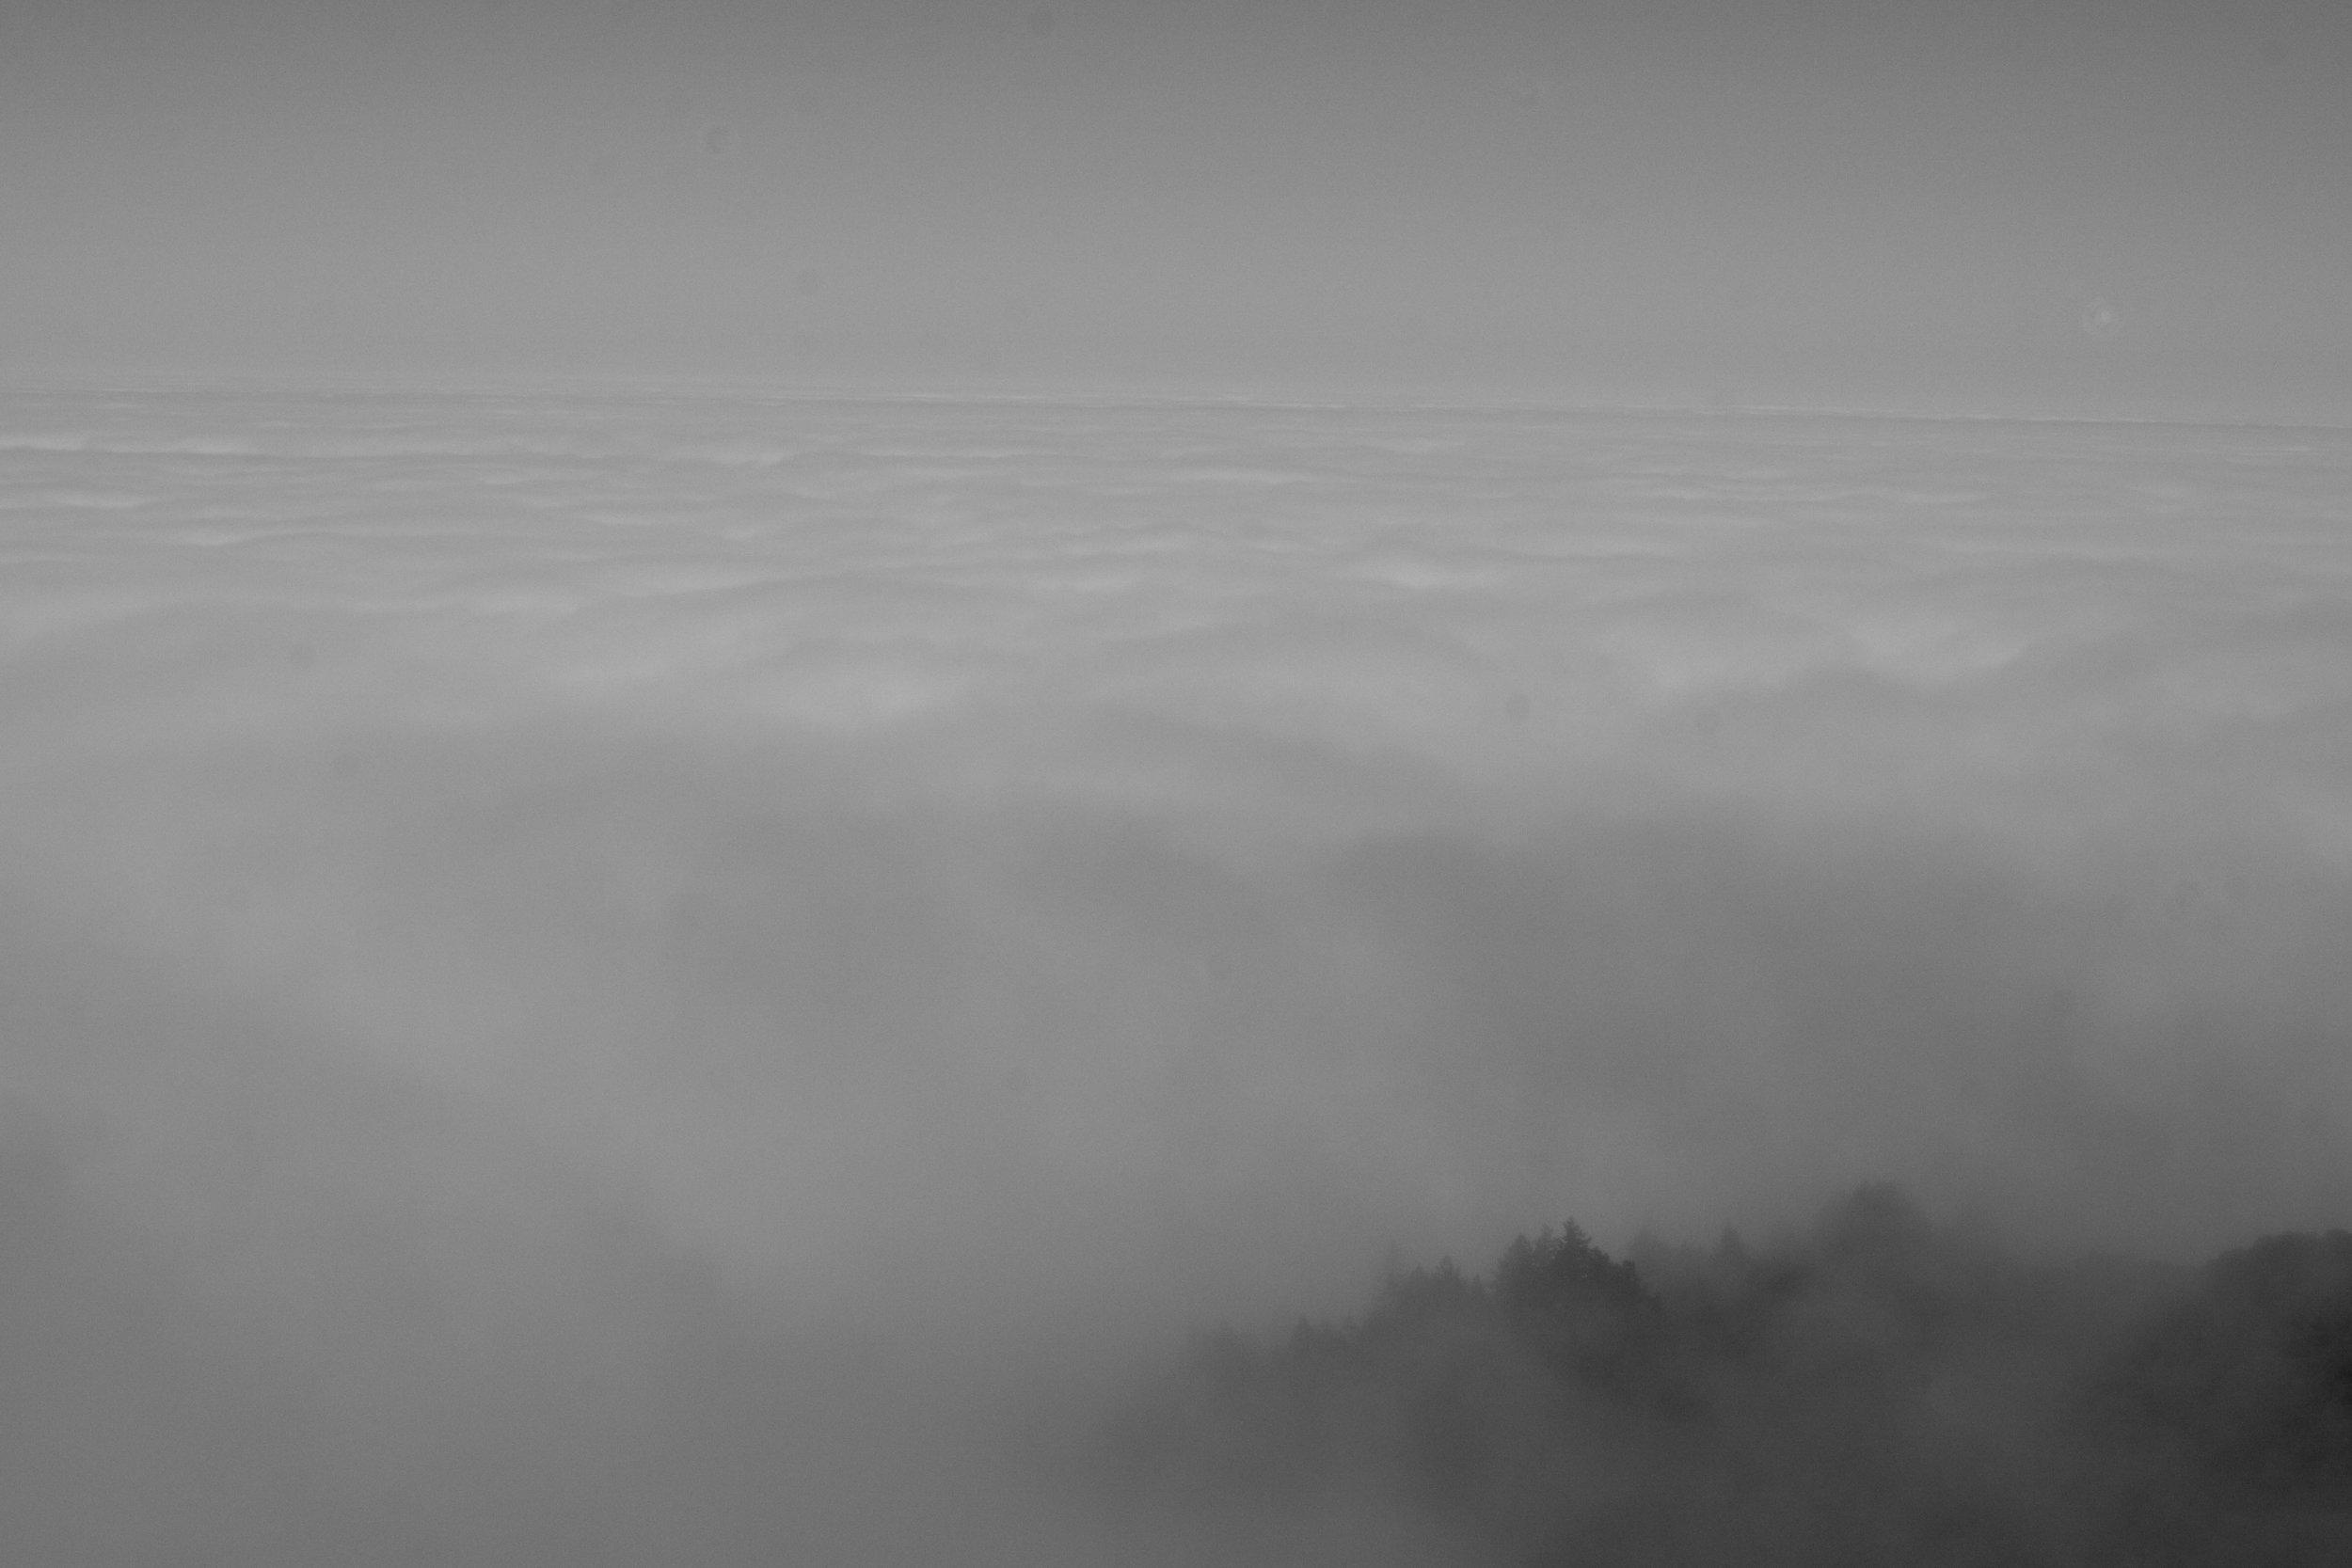 fogline_68.jpg